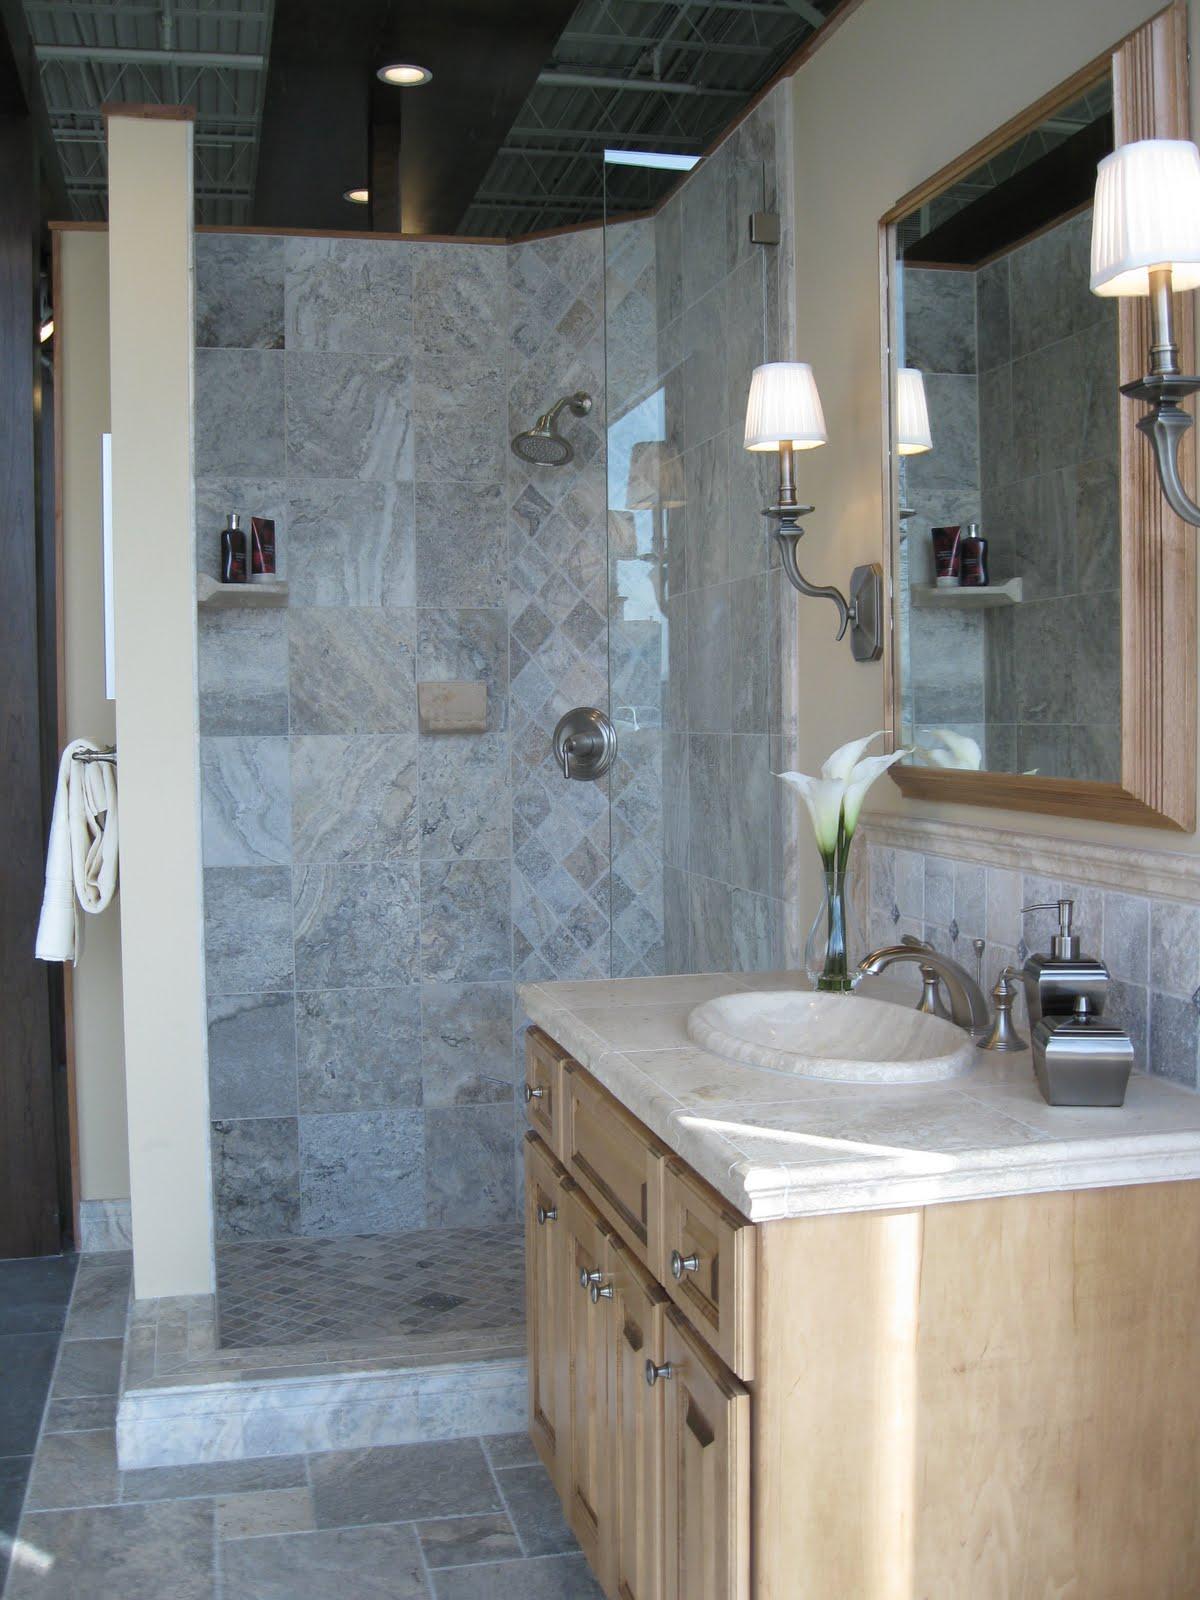 Roseville Remodel The Tile Shop Design By Kirsty - Bathroom remodel roseville